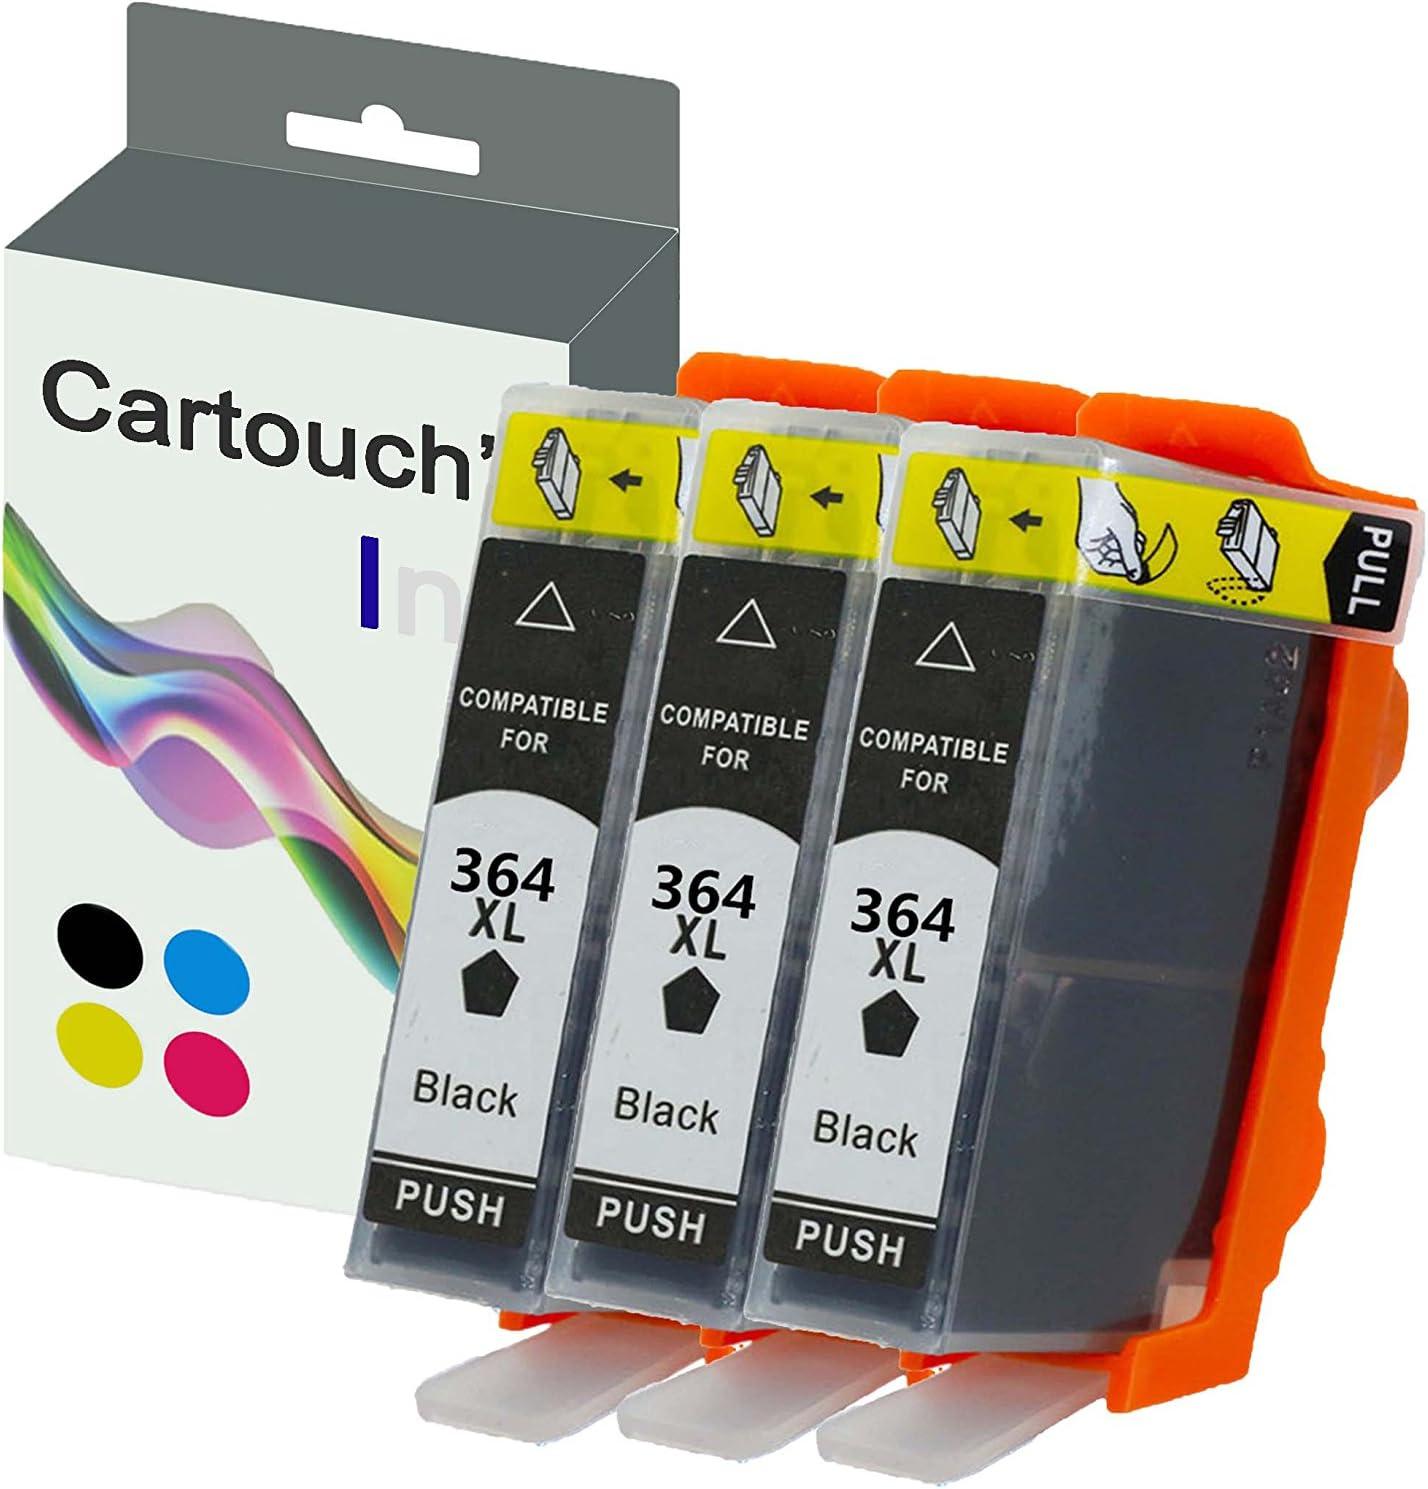 cartouch Ink 364 X L Pack reposición 3 cartuchos de tinta compatibles color negro para impresora HP: Amazon.es: Oficina y papelería